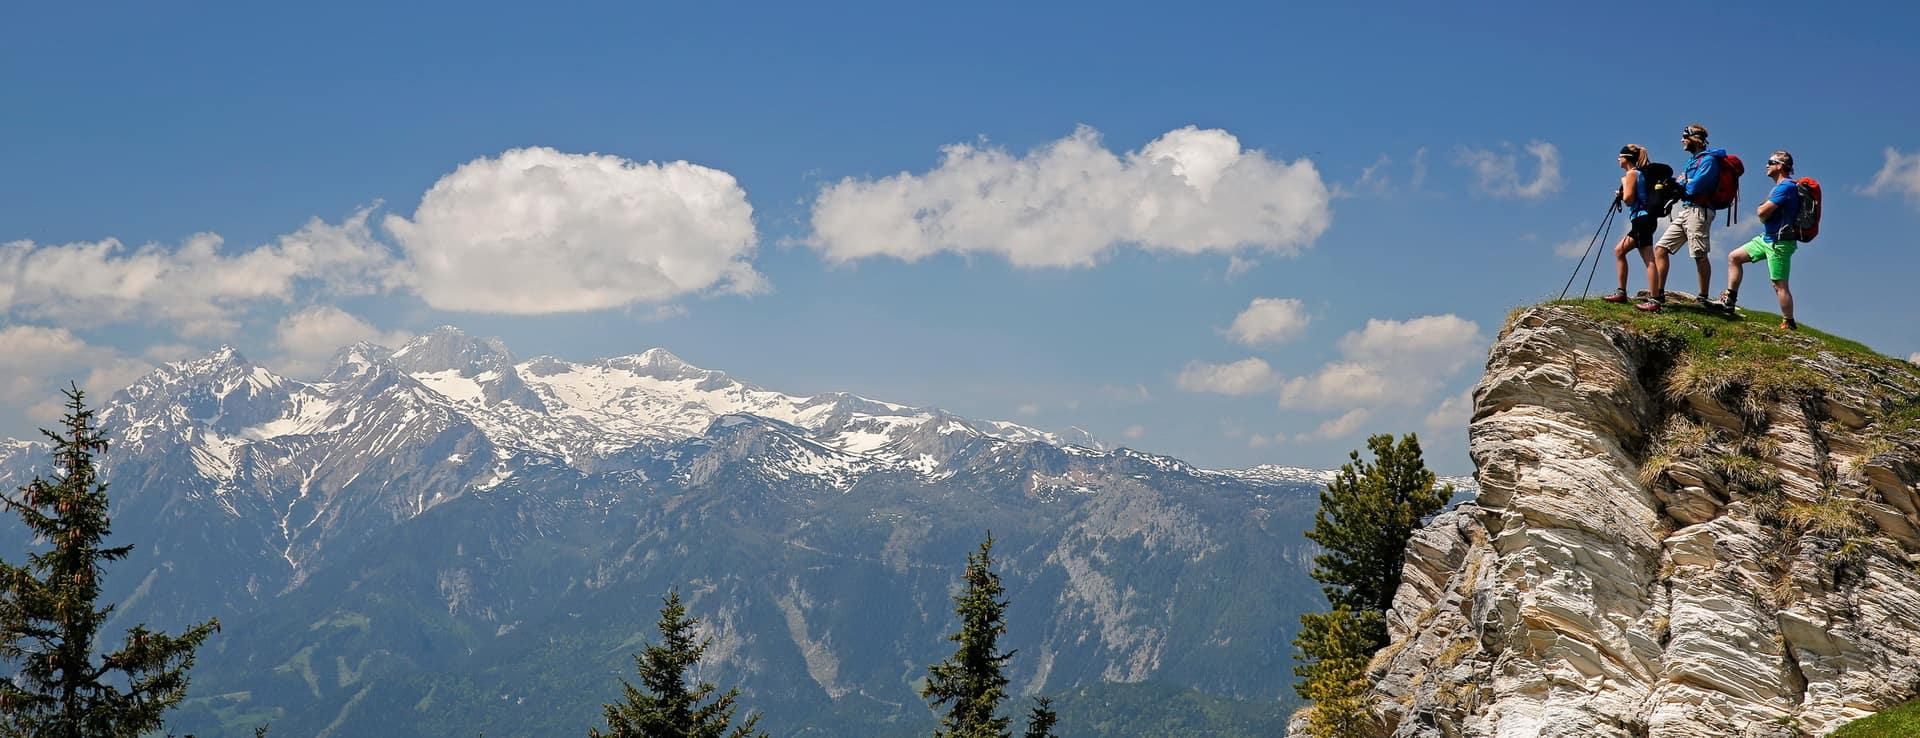 Vandra på Tauern Höhenweg - Schladming-Dachstein